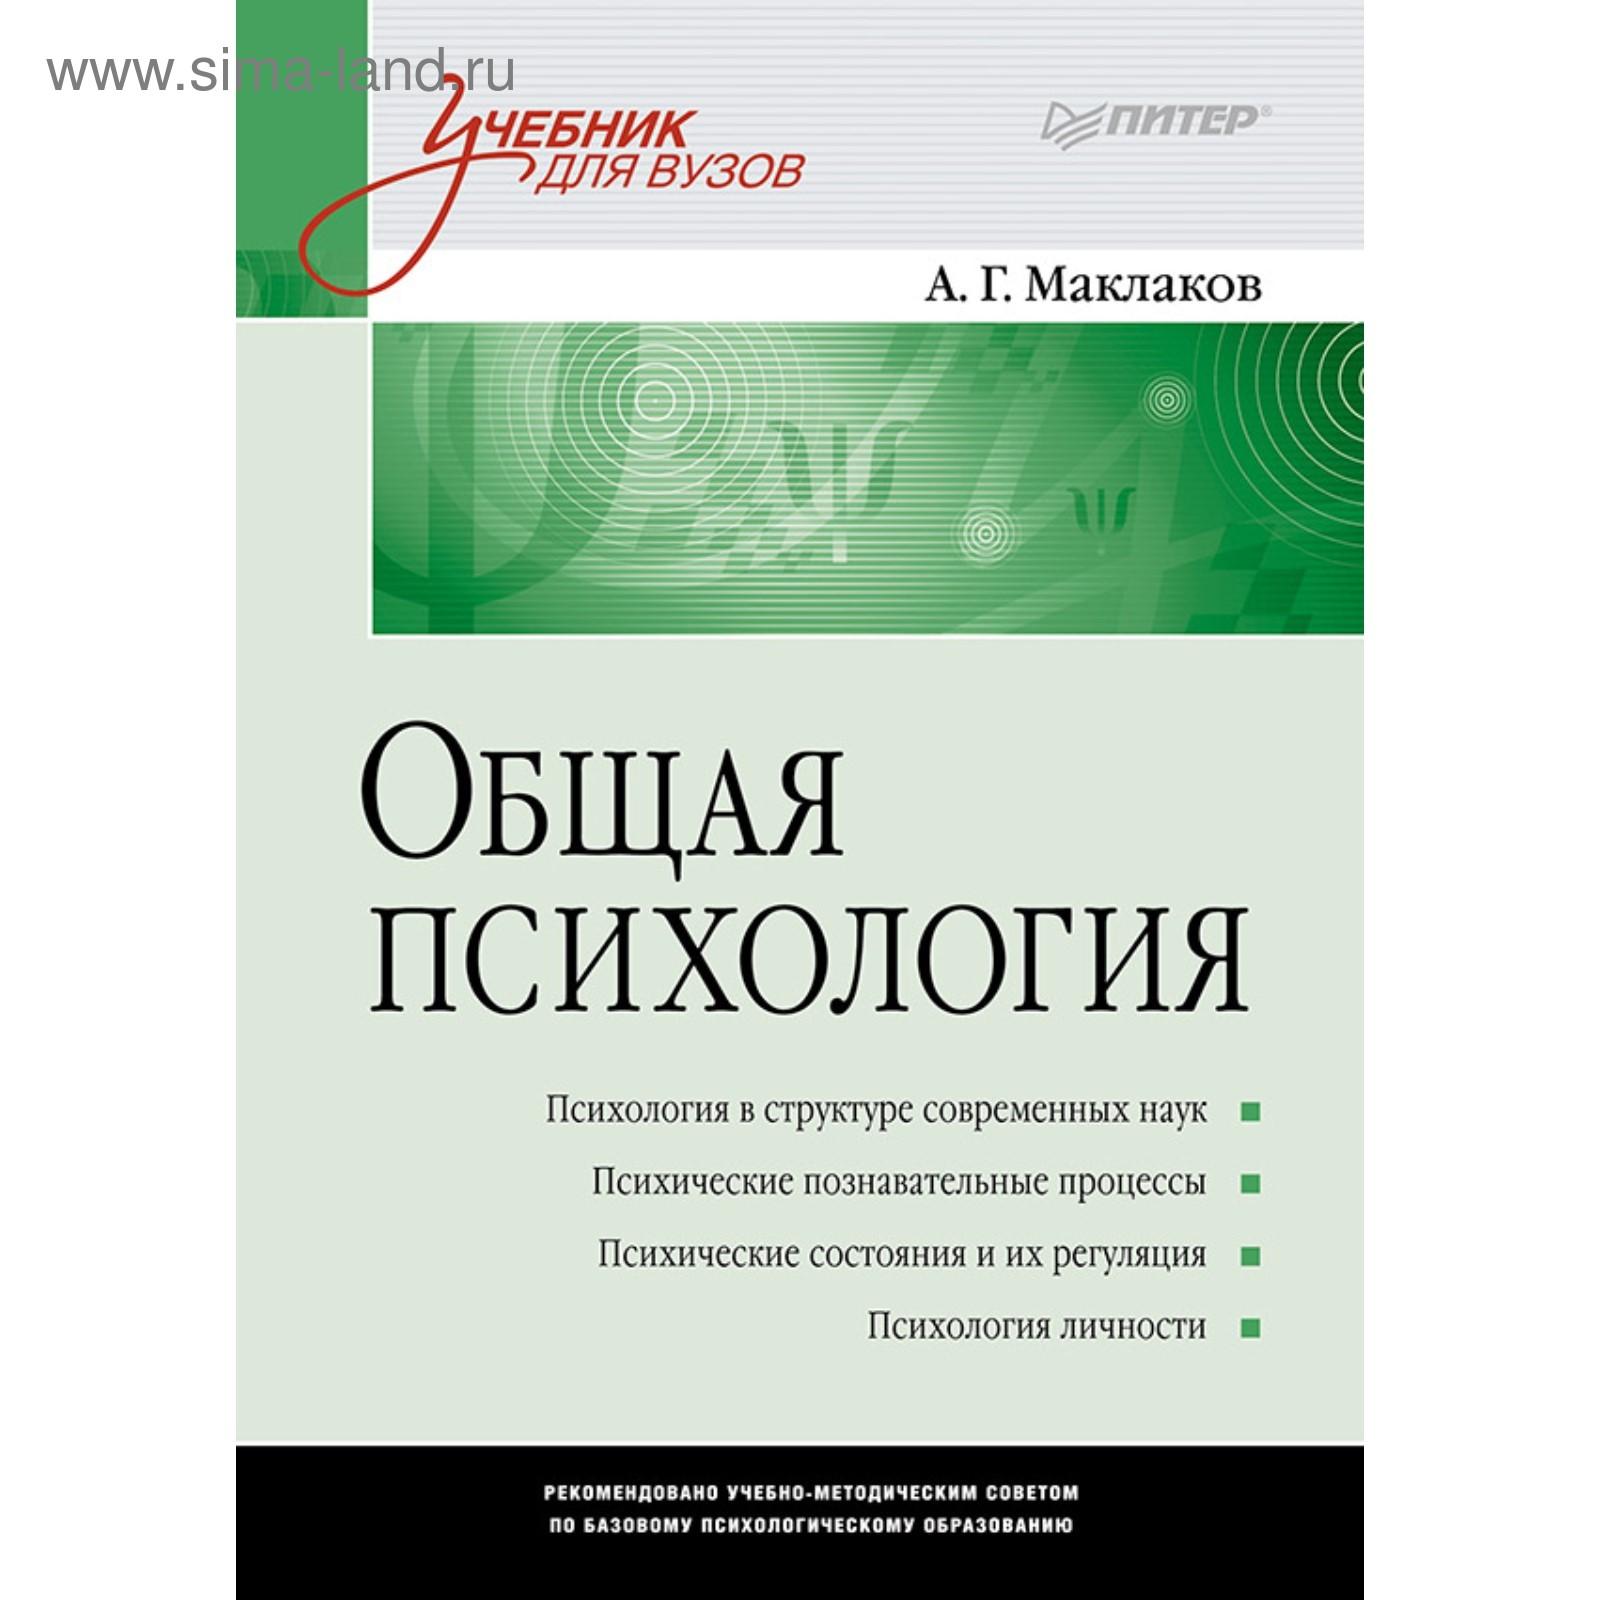 Рубинштейн основы общей психологии скачать fb2 dota2-guide. Ru.